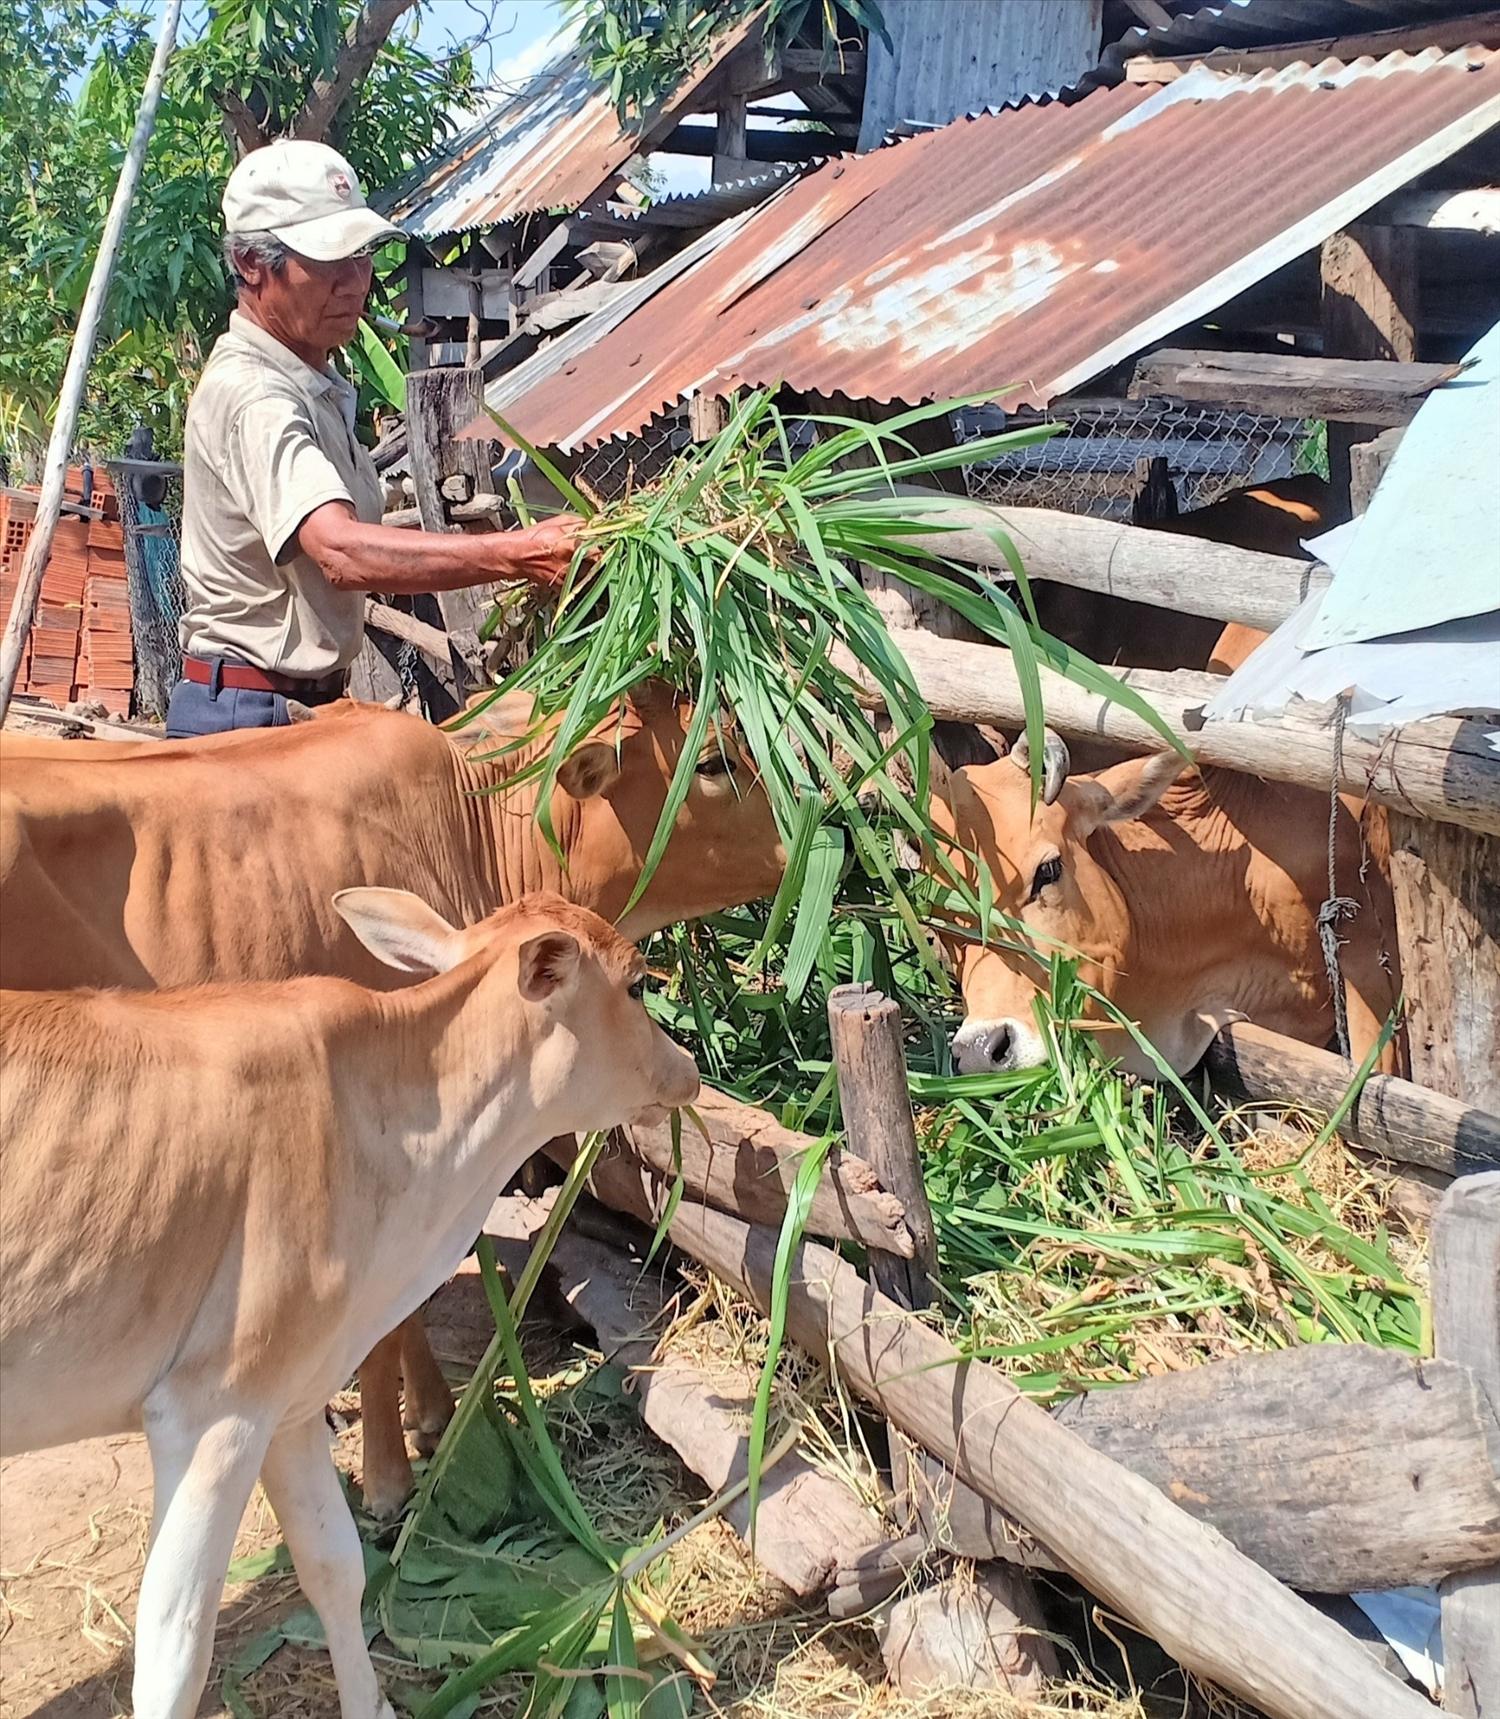 Già làng Ksor Weo, Bí thư Chi bộ bôn Hiao, thành viên Tổ chăn nuôi chủ động chăm sóc đàn bò trong mùa vụ